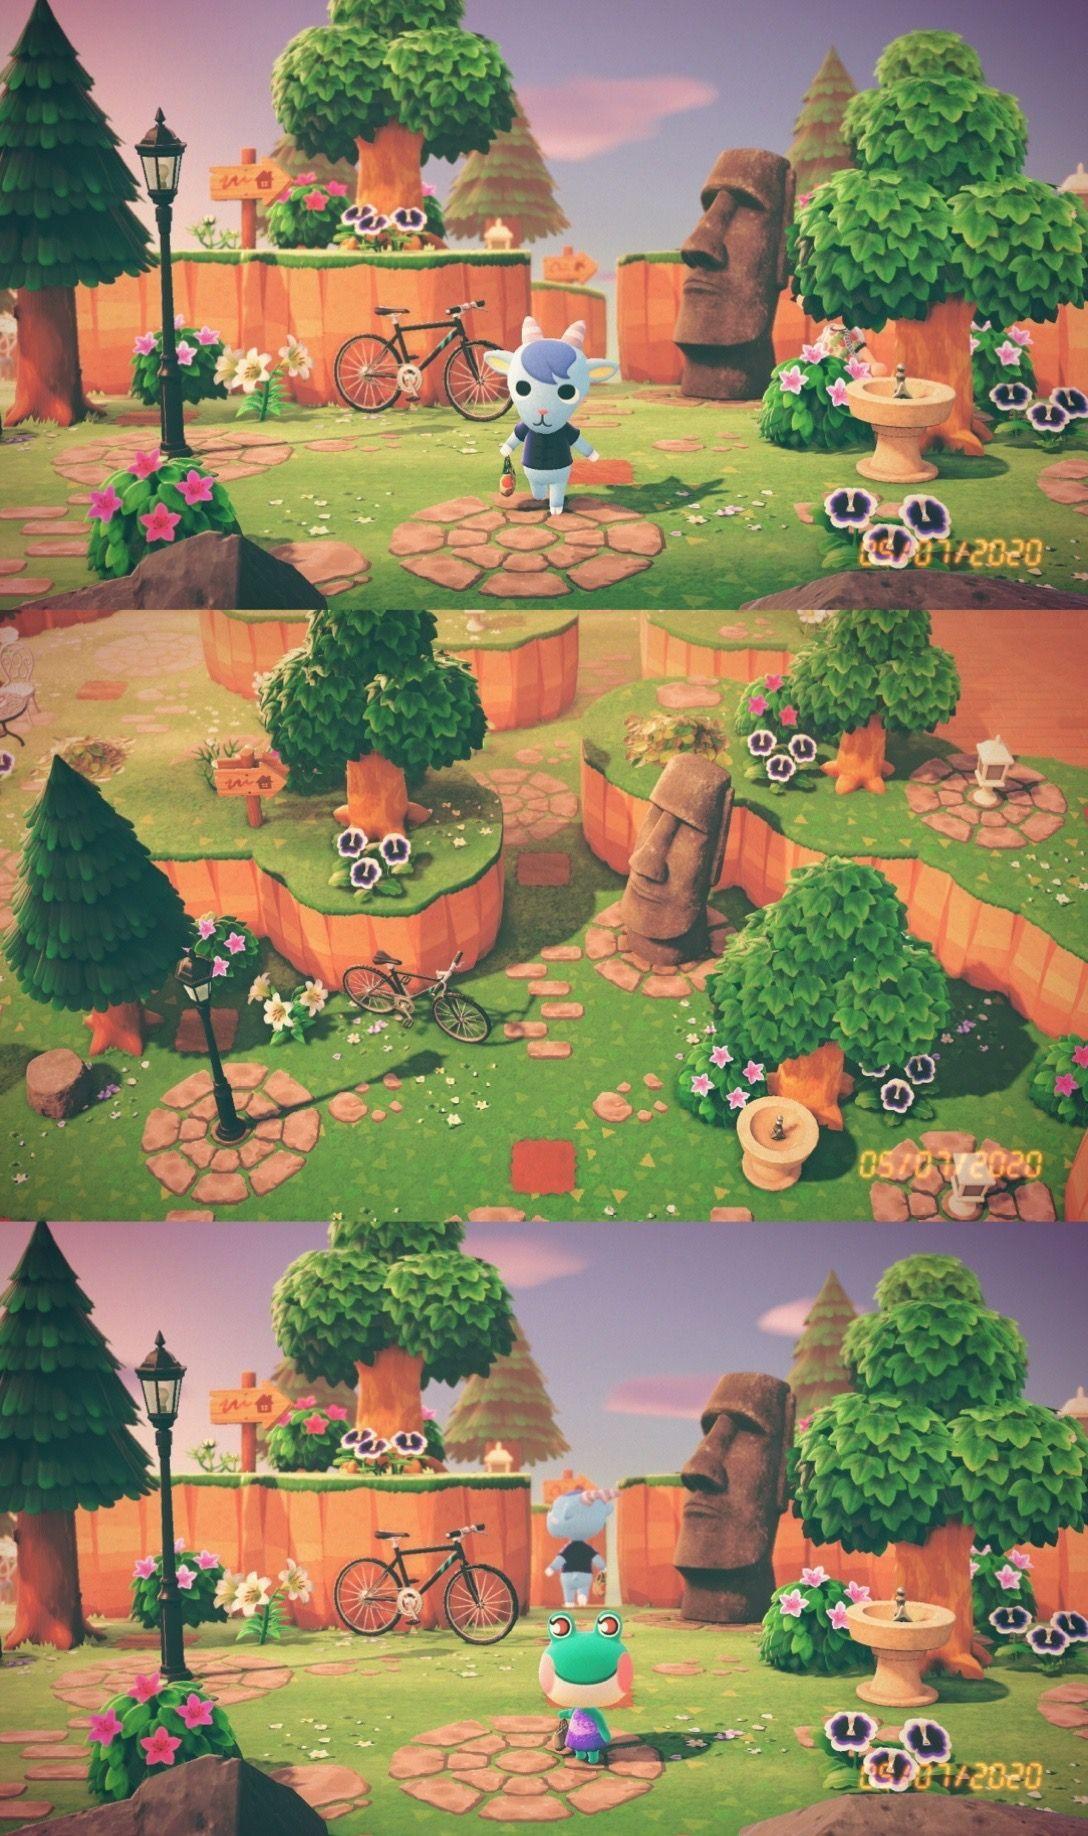 Acnh Kaspar Island Entrance Idea Circular Stone Custom Path Design By Vee Acnh Island Path Designs In 2020 Animal Crossing Animal Crossing 3ds Animal Crossing Guide